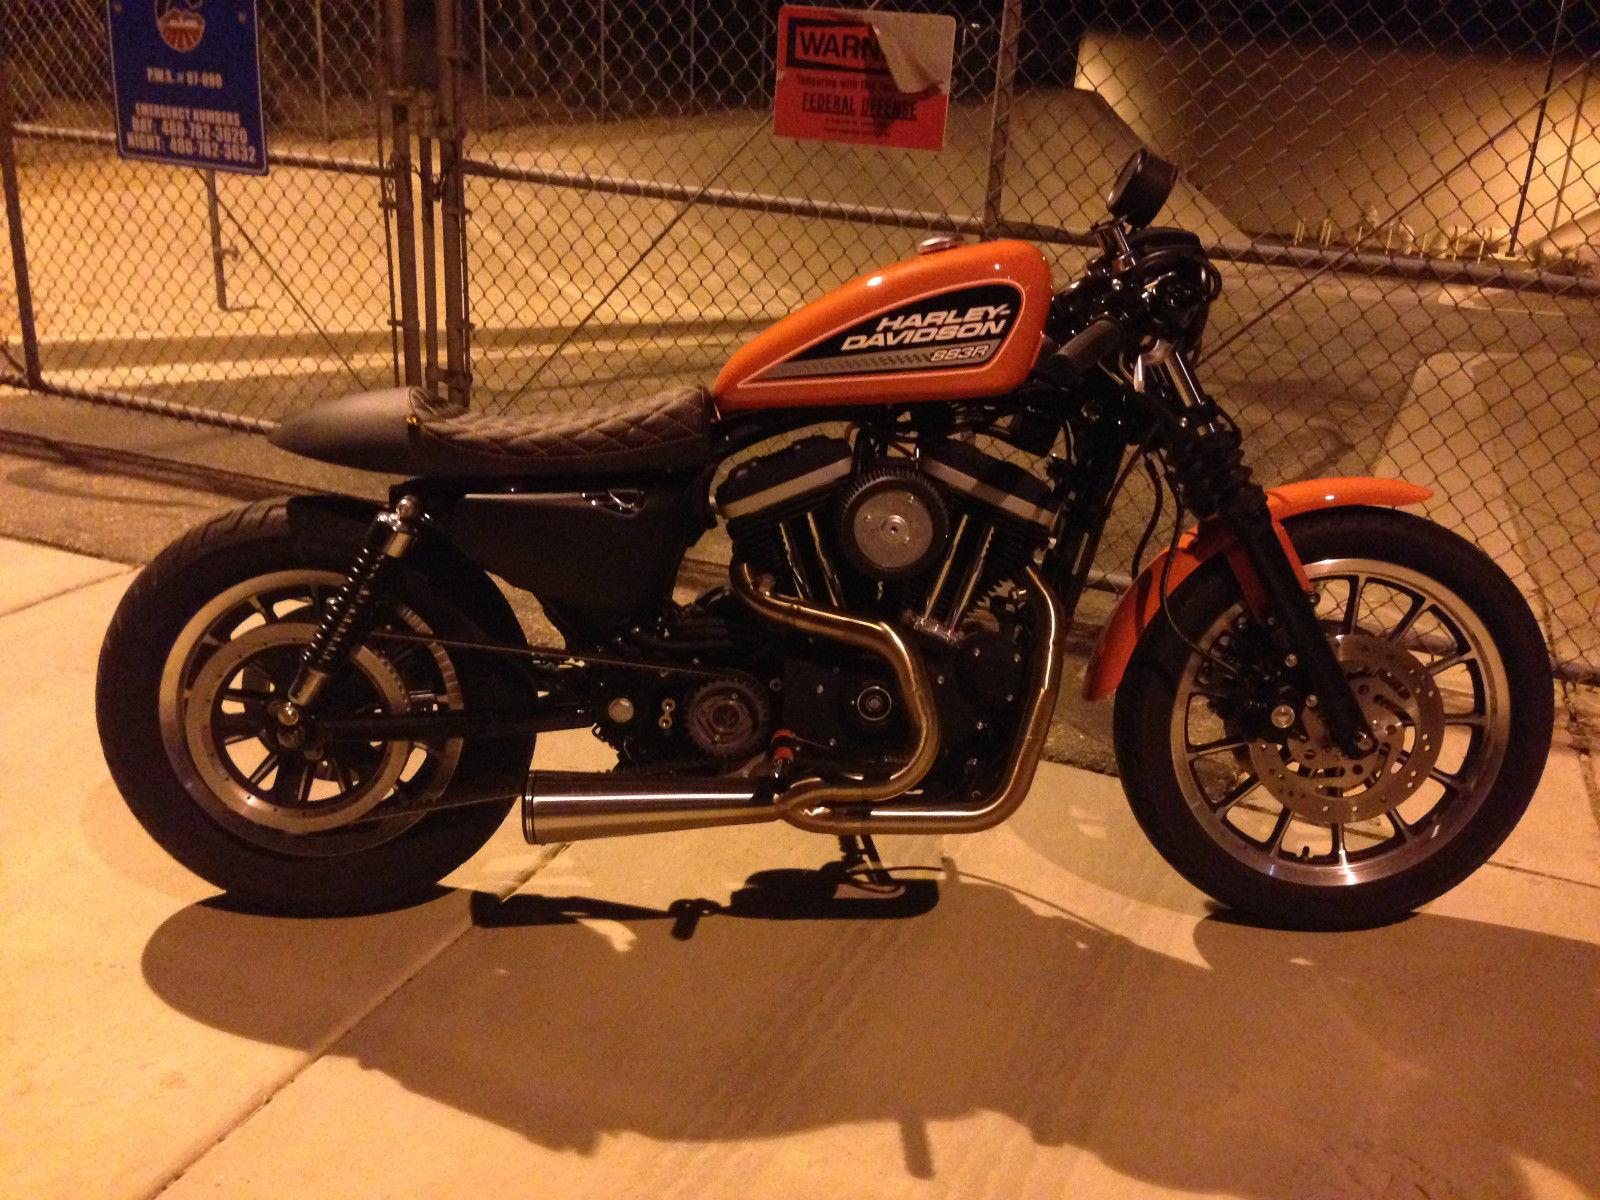 2006 Harley Davidson Sportster 883R Cafe Racer